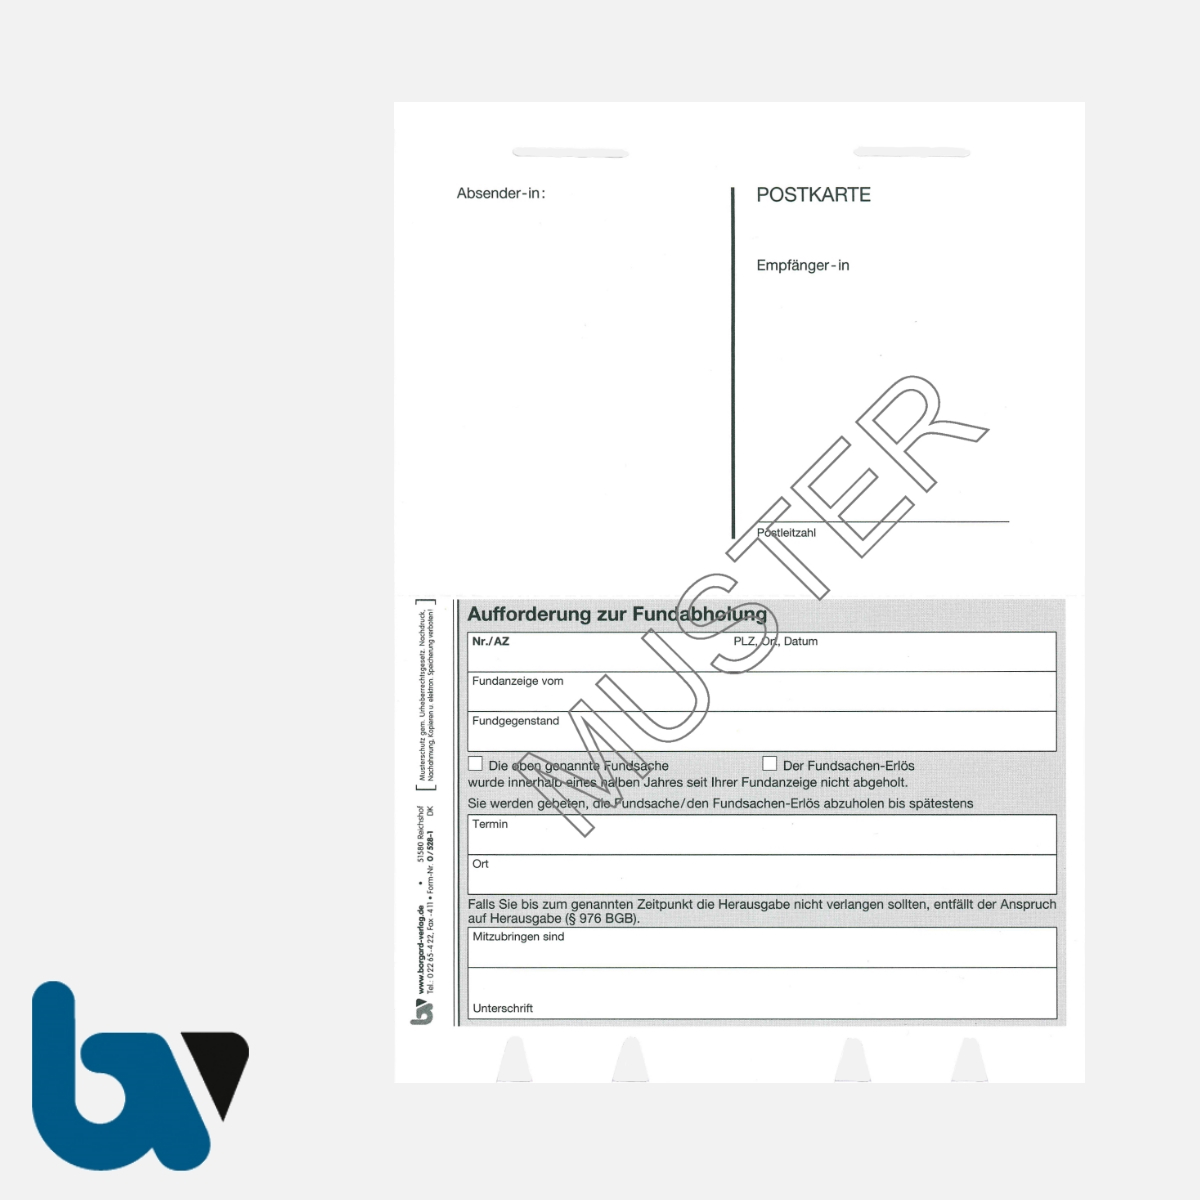 0/528-1 Aufforderung Fundabholung Fundsache Postkarte perforiert 2-fach selbstdurchschreibend DIN A5 A6 Seite 1 | Borgard Verlag GmbH